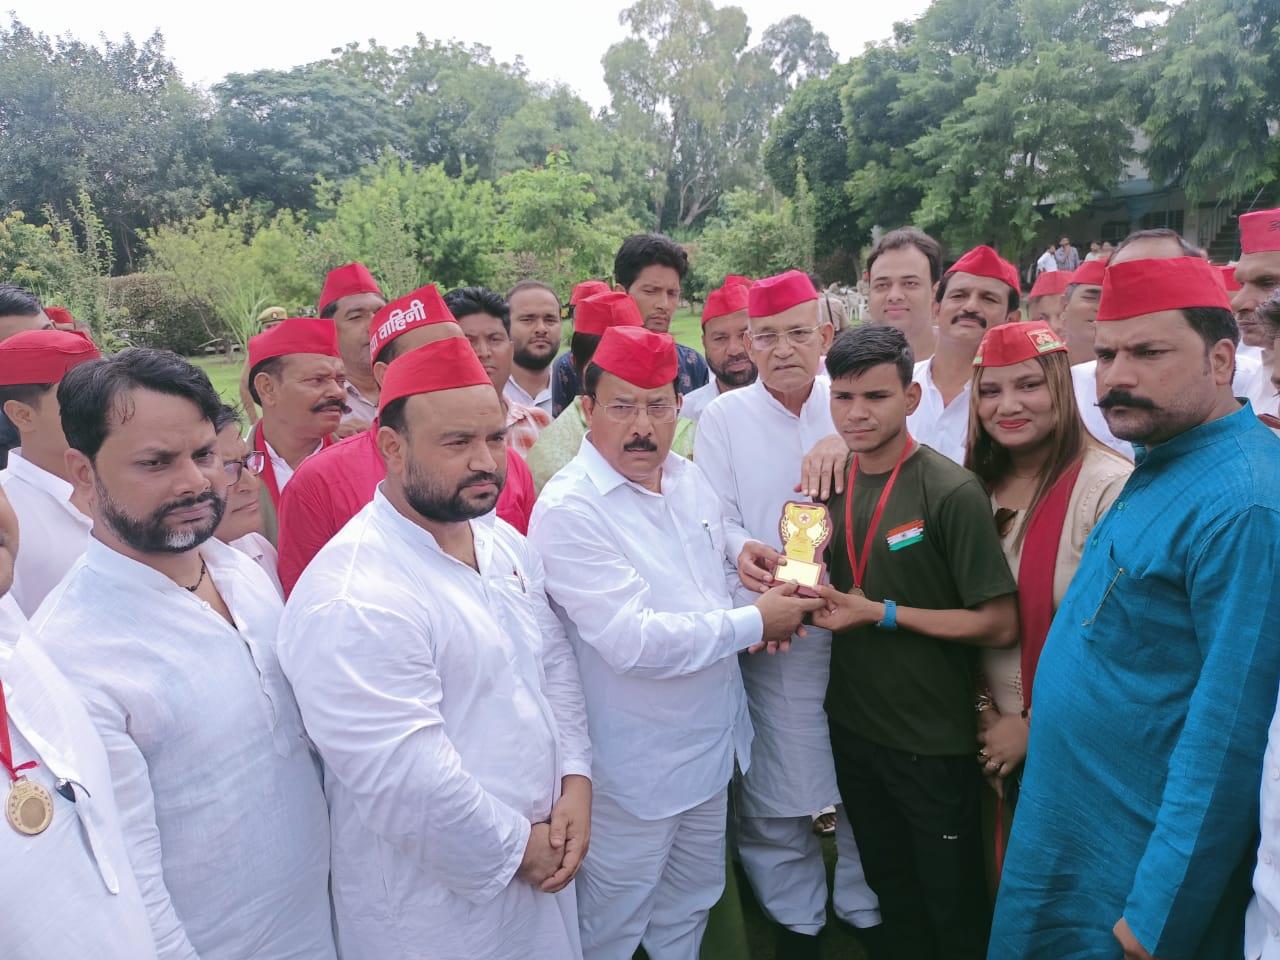 मेरठ में सपा के खिलाड़ी घेरा कार्यक्रम में खिलाड़ी बोले सुविधाओं का अभाव है, भामाशाह पार्क में आयोजन मेरठ,Meerut - Dainik Bhaskar